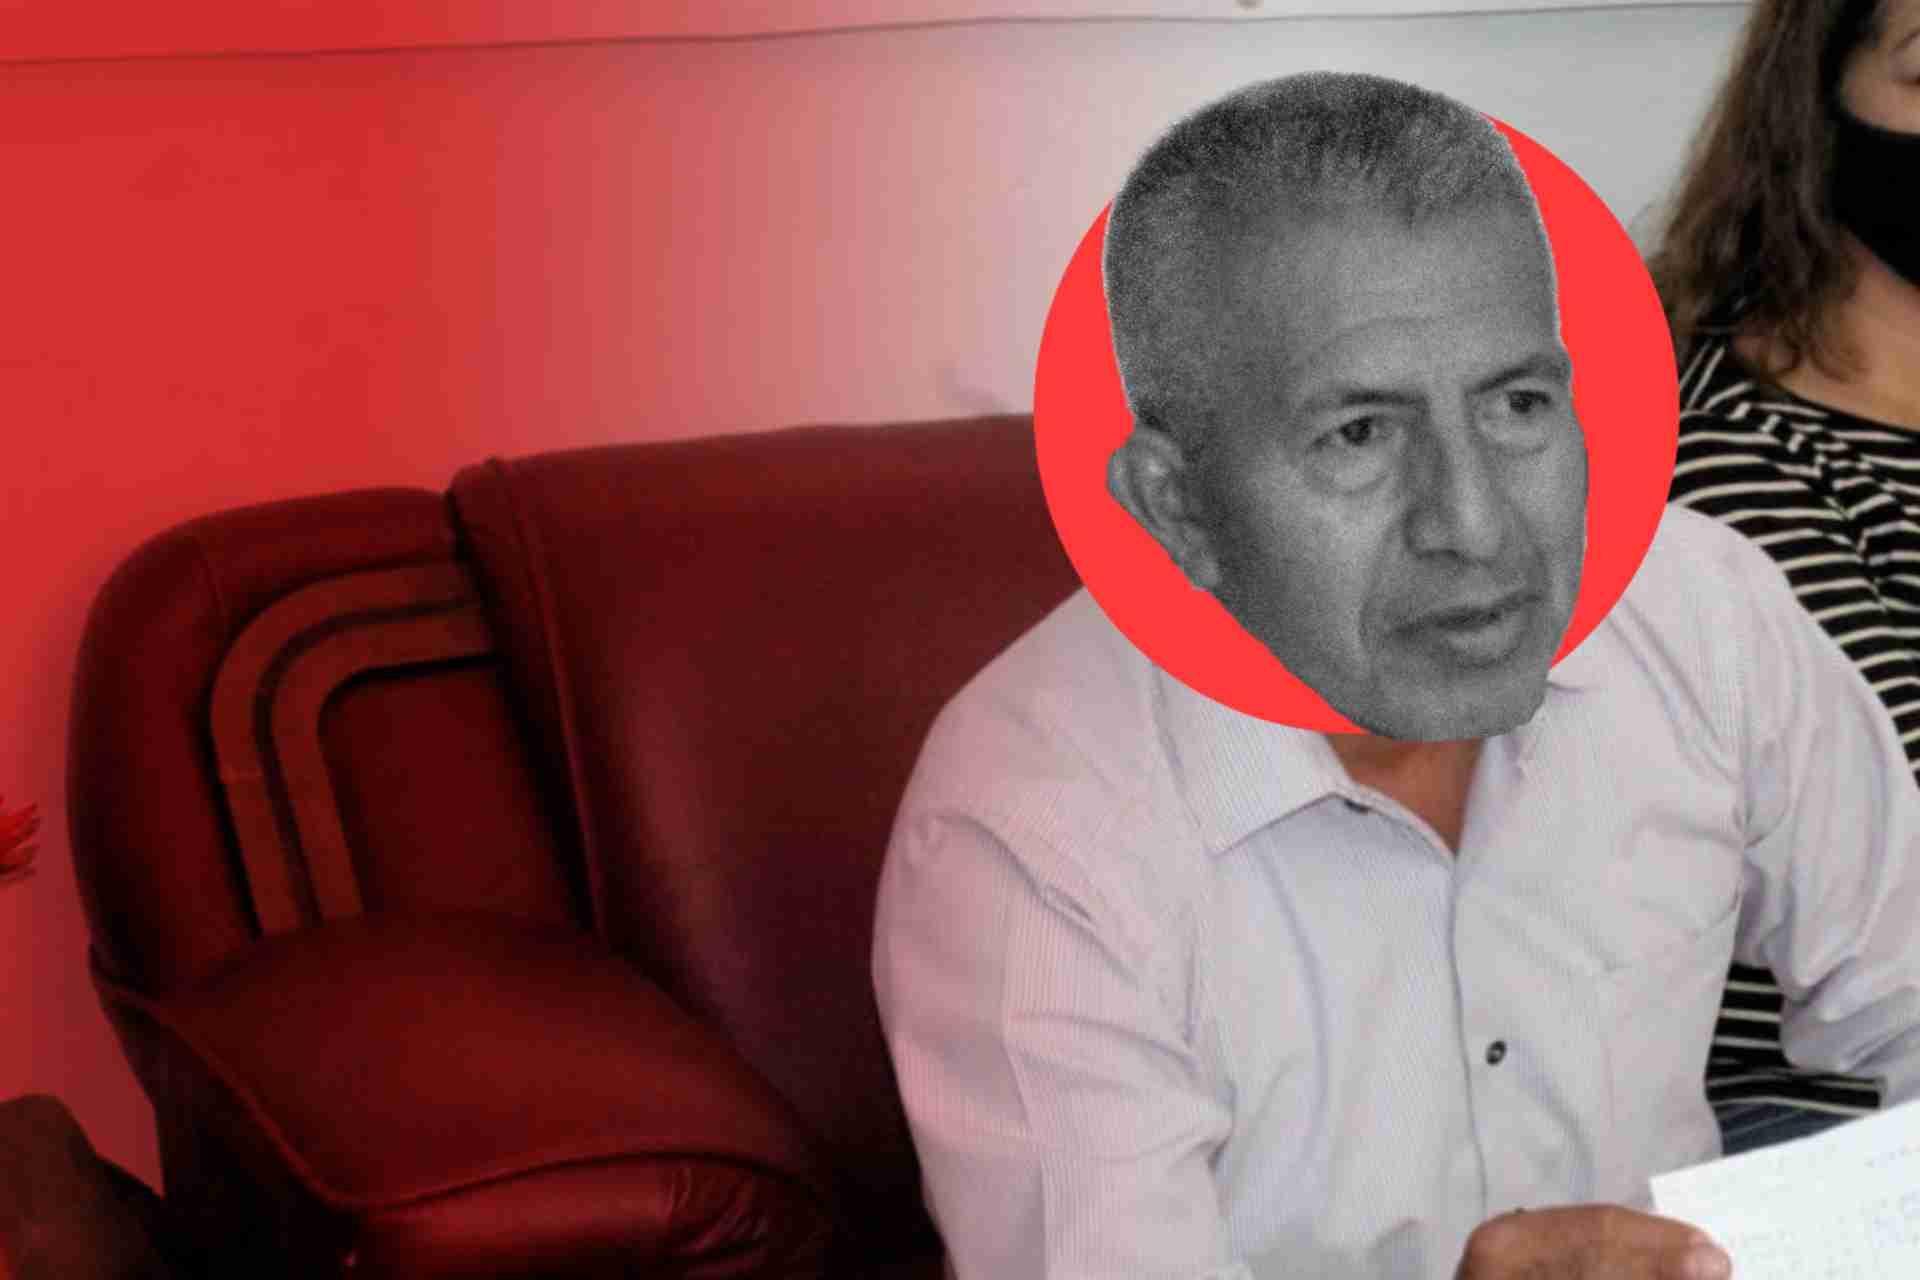 sir culito-Tlaxcala-bufón-CONASO-Coordinadora Nacional de la Sociedad Civil-José Domingo Meneses Rodríguez